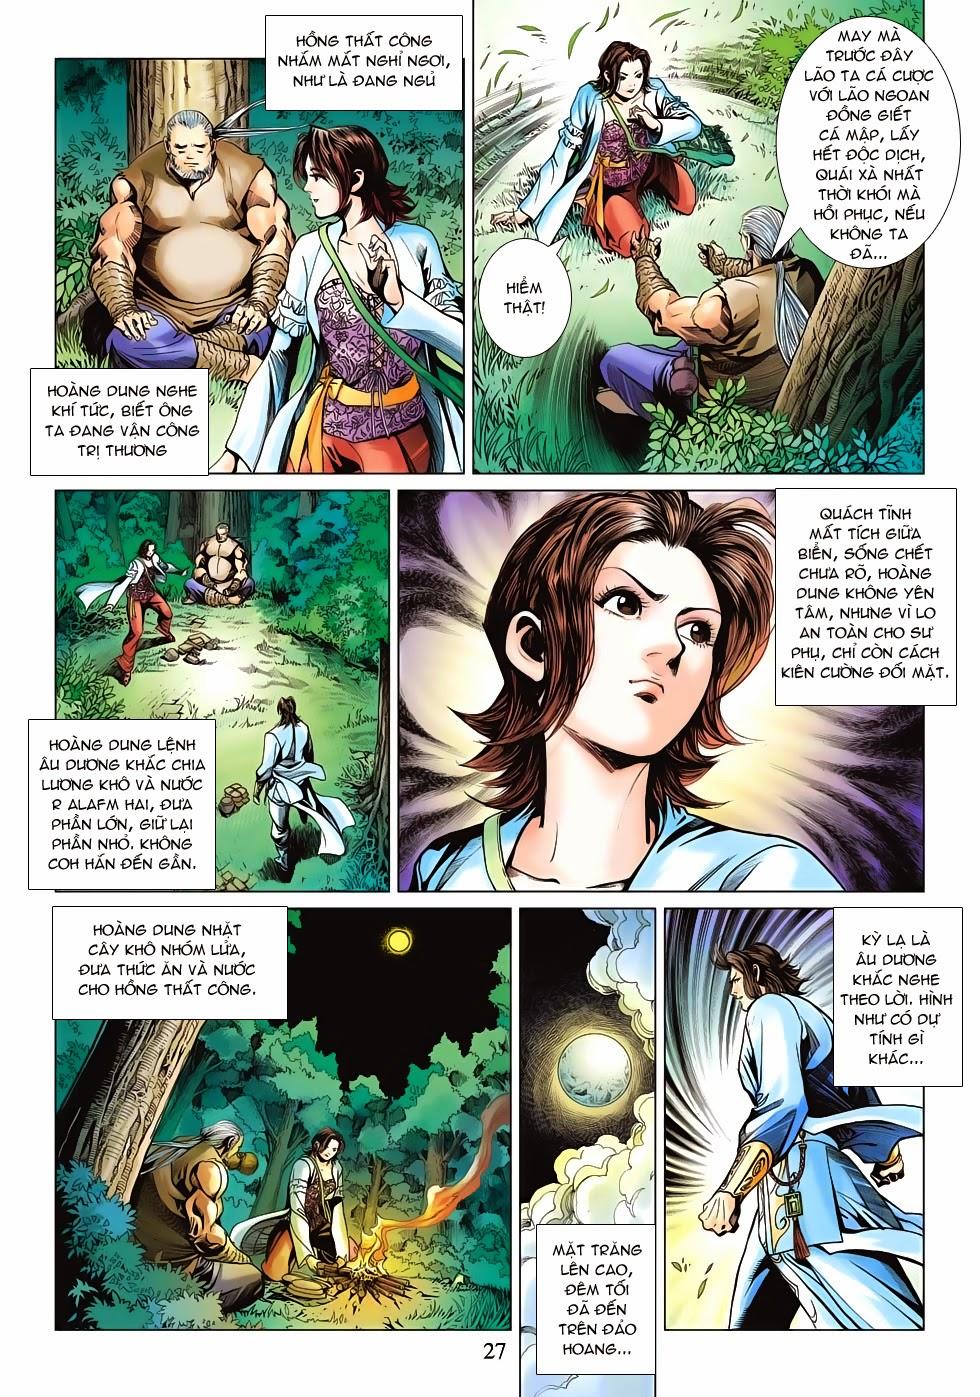 Anh Hùng Xạ Điêu anh hùng xạ đêu chap 53: lâm nguy thụ mệnh đả cẩu học pháp trang 28